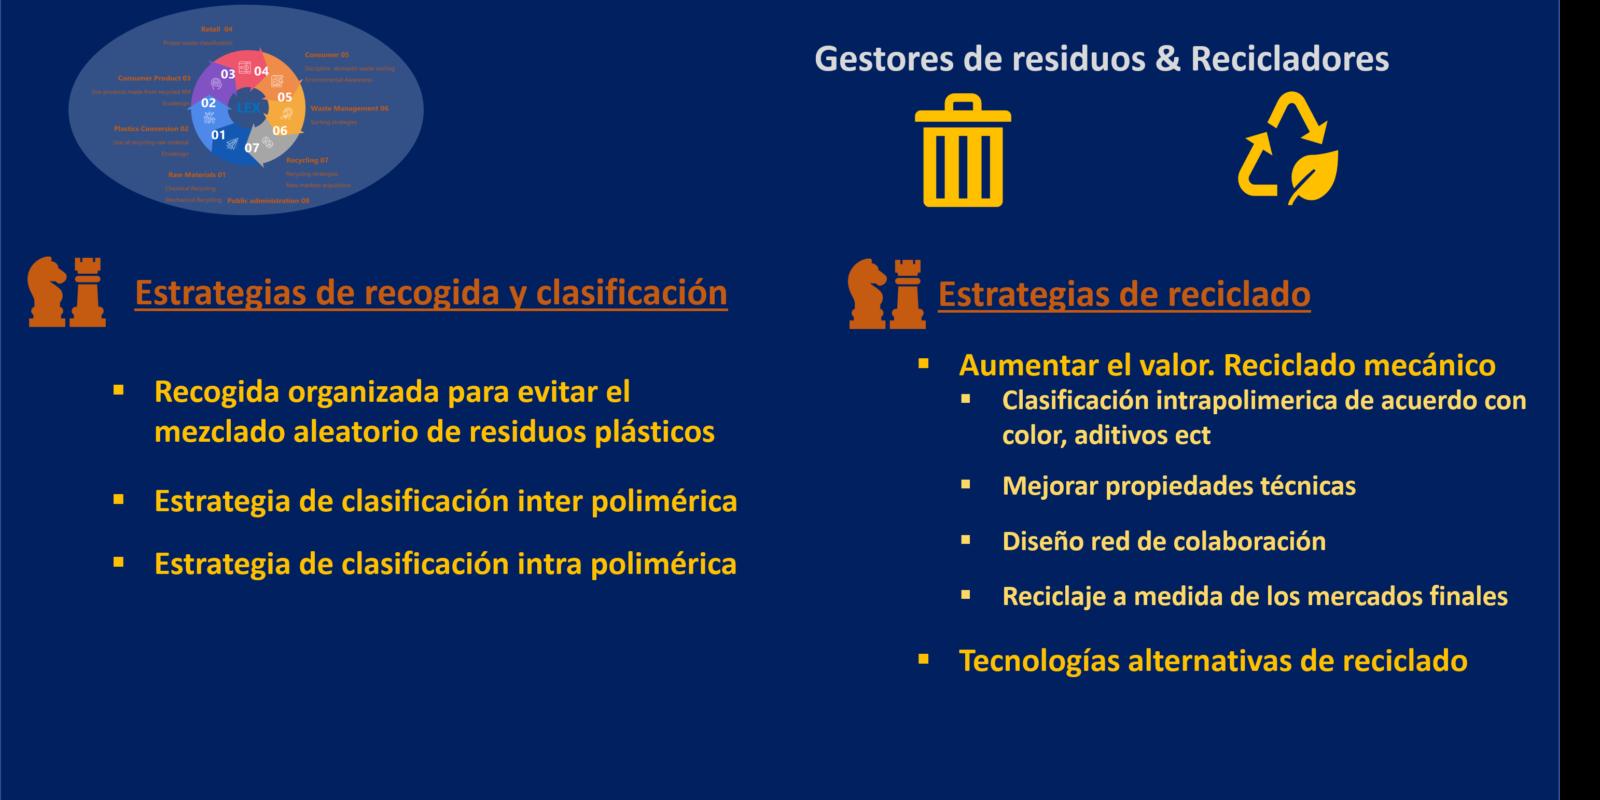 4.Gestores R & Recicladores Español